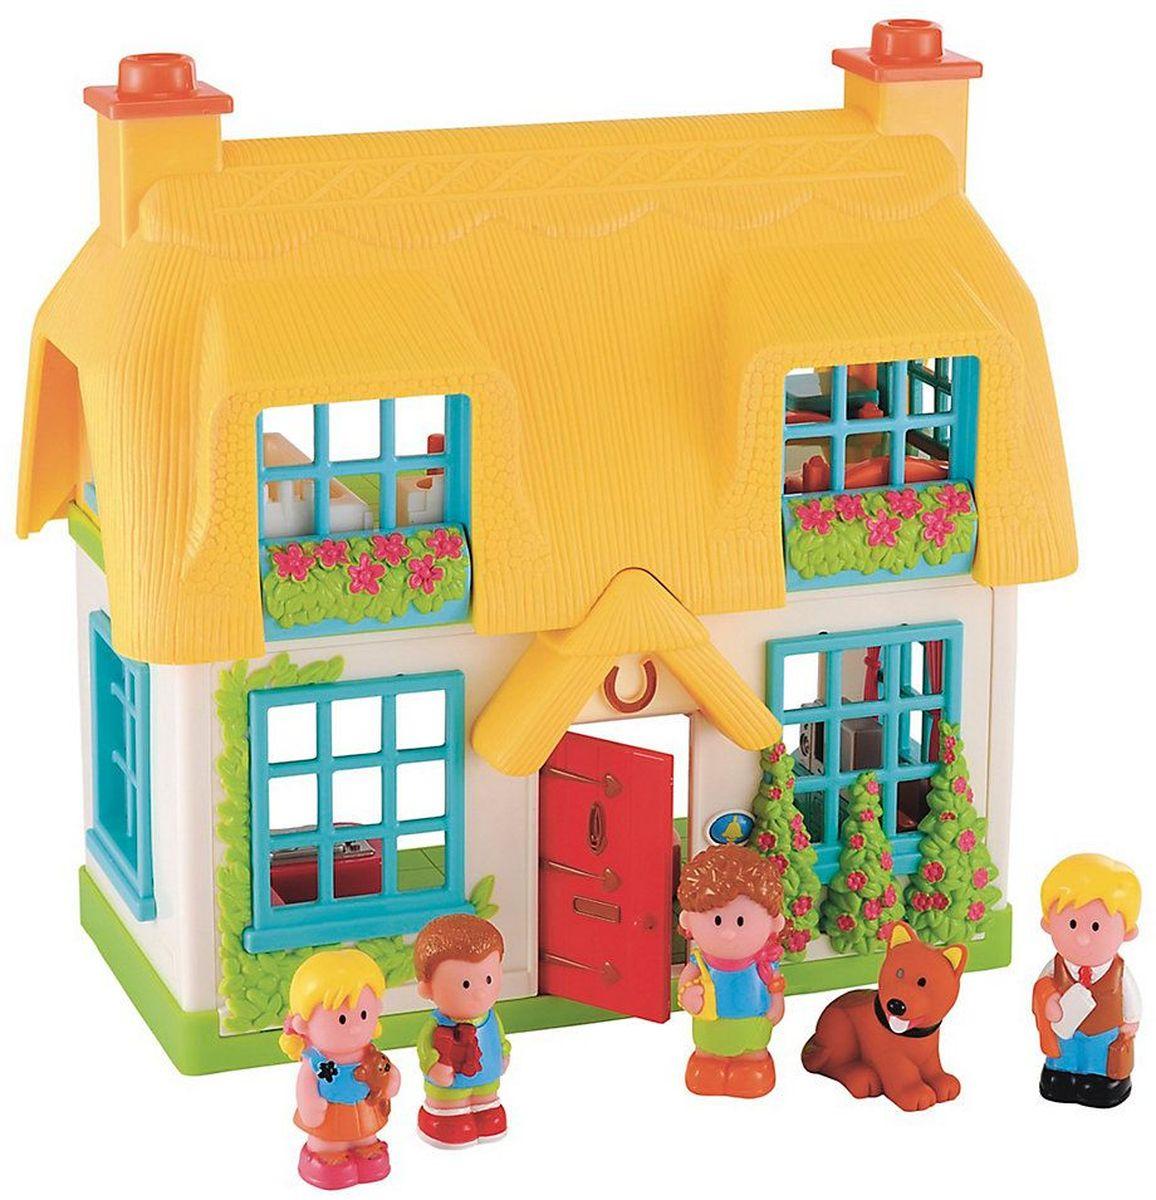 ELC Дом для кукол Игровой набор Домик роз137275Двухэтажный домик со встроенной мебелью и реалистичными звуками дверного звонка, телевизора, телефона и плиты. В наборе - семья из 4-х человек и собака. Играть ребенок может один или с друзьями. Развивает воображение ребенка, повышает способность мыслить, создавать новые образы и фантазировать, способствует развитию социальных навыков, побуждает ребенка исследовать и понимать окружающий мир. Материал: высококачественный пластик. Размер упаковки: 19,7 х 47 х 34,1 см